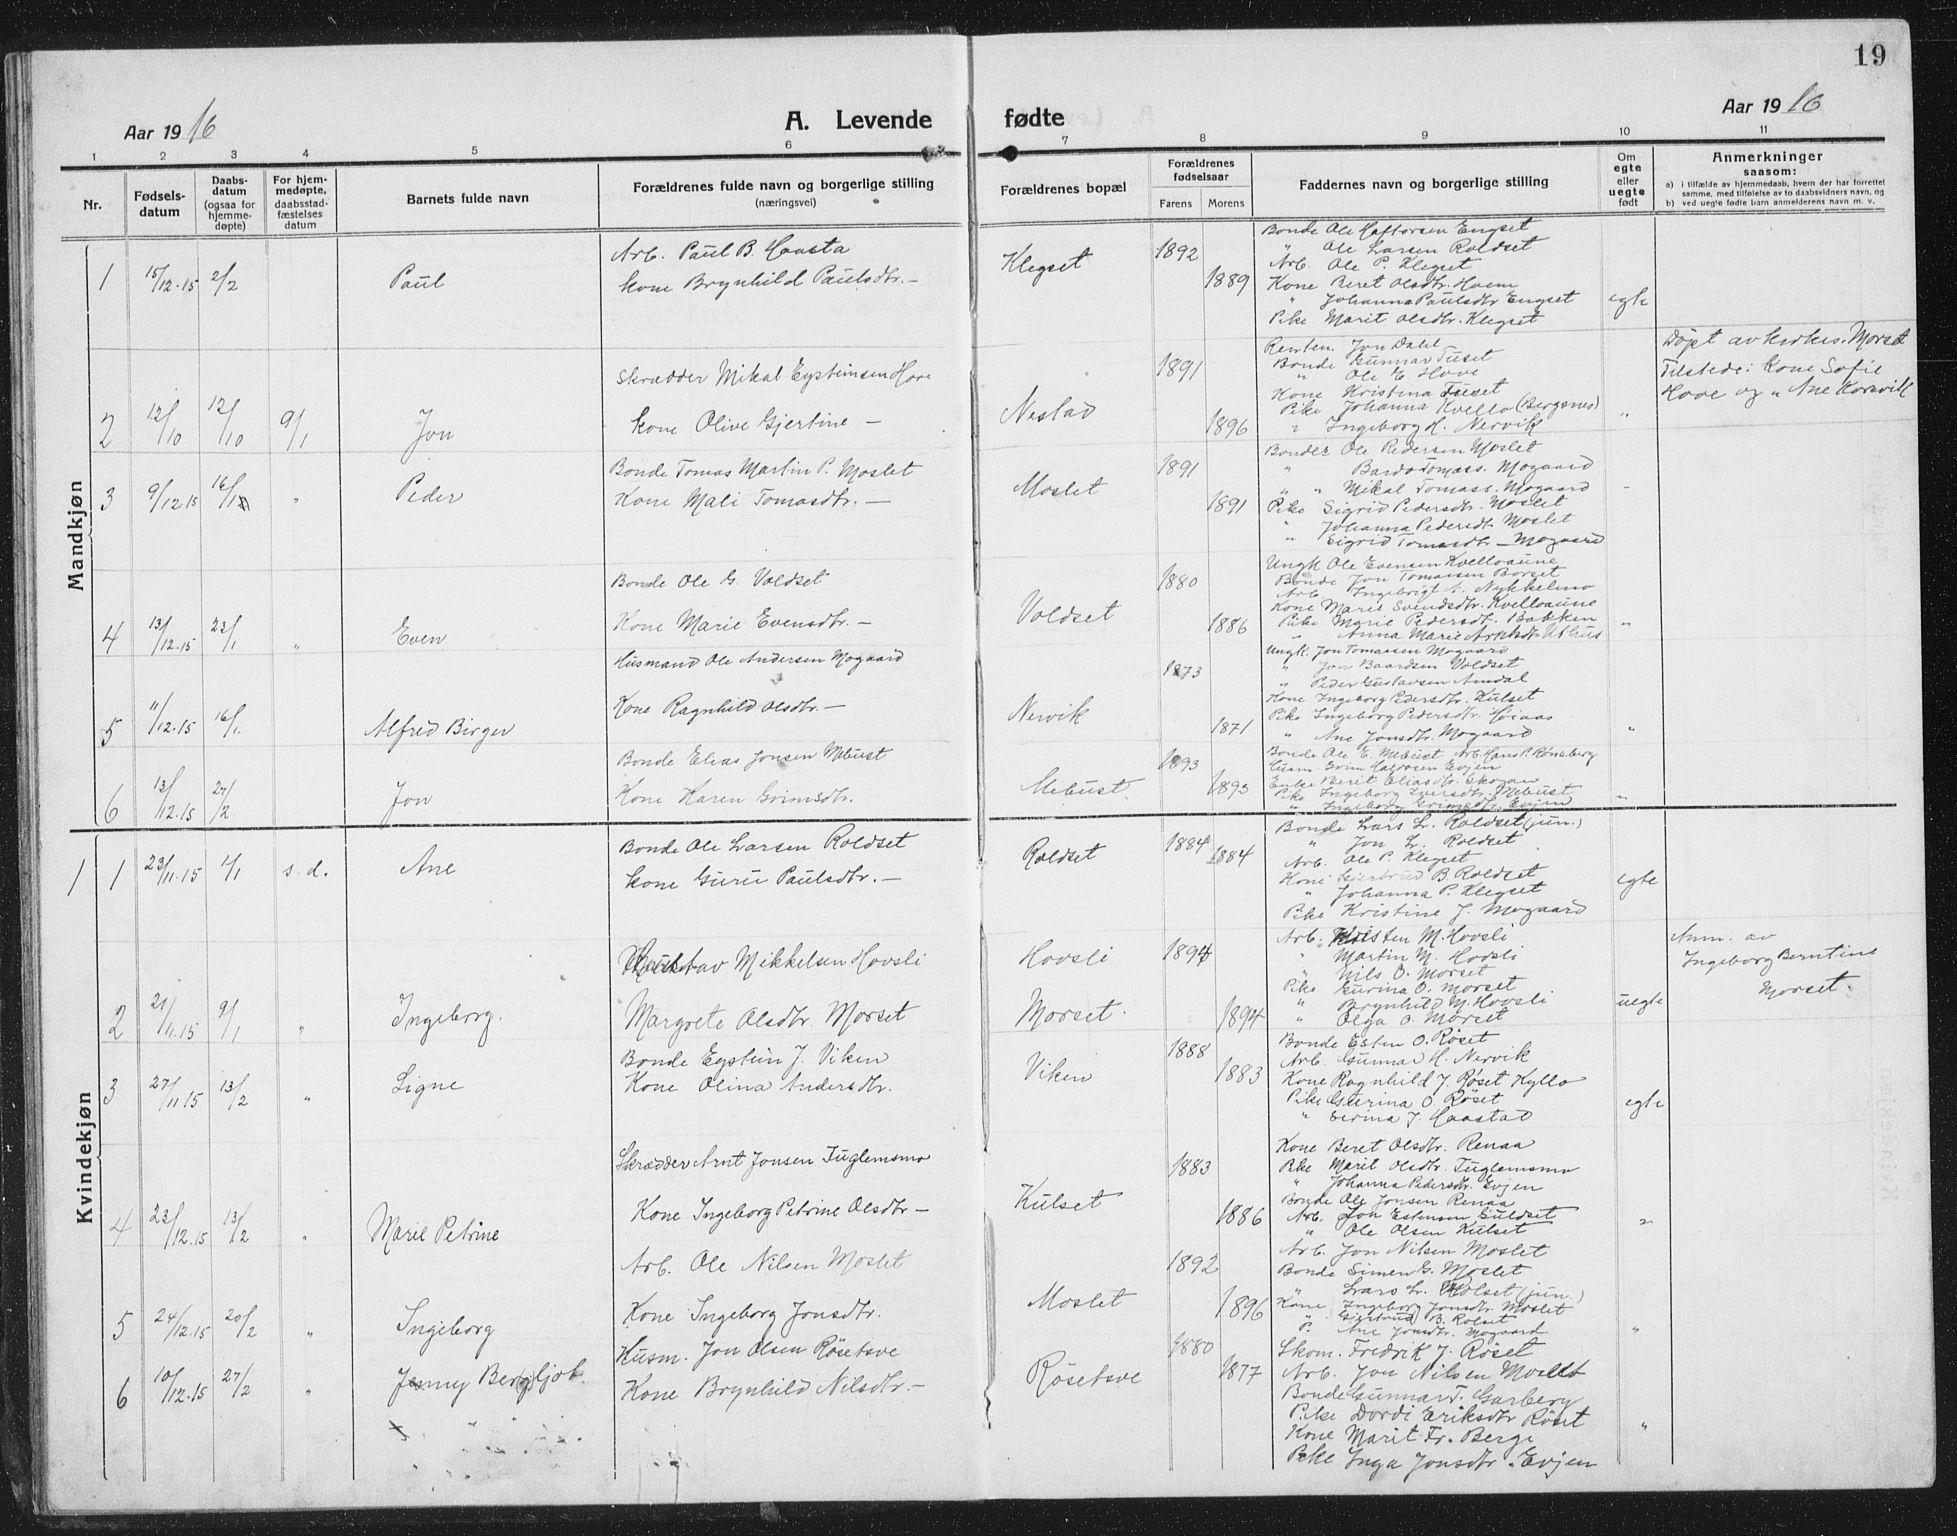 SAT, Ministerialprotokoller, klokkerbøker og fødselsregistre - Sør-Trøndelag, 695/L1158: Klokkerbok nr. 695C09, 1913-1940, s. 19